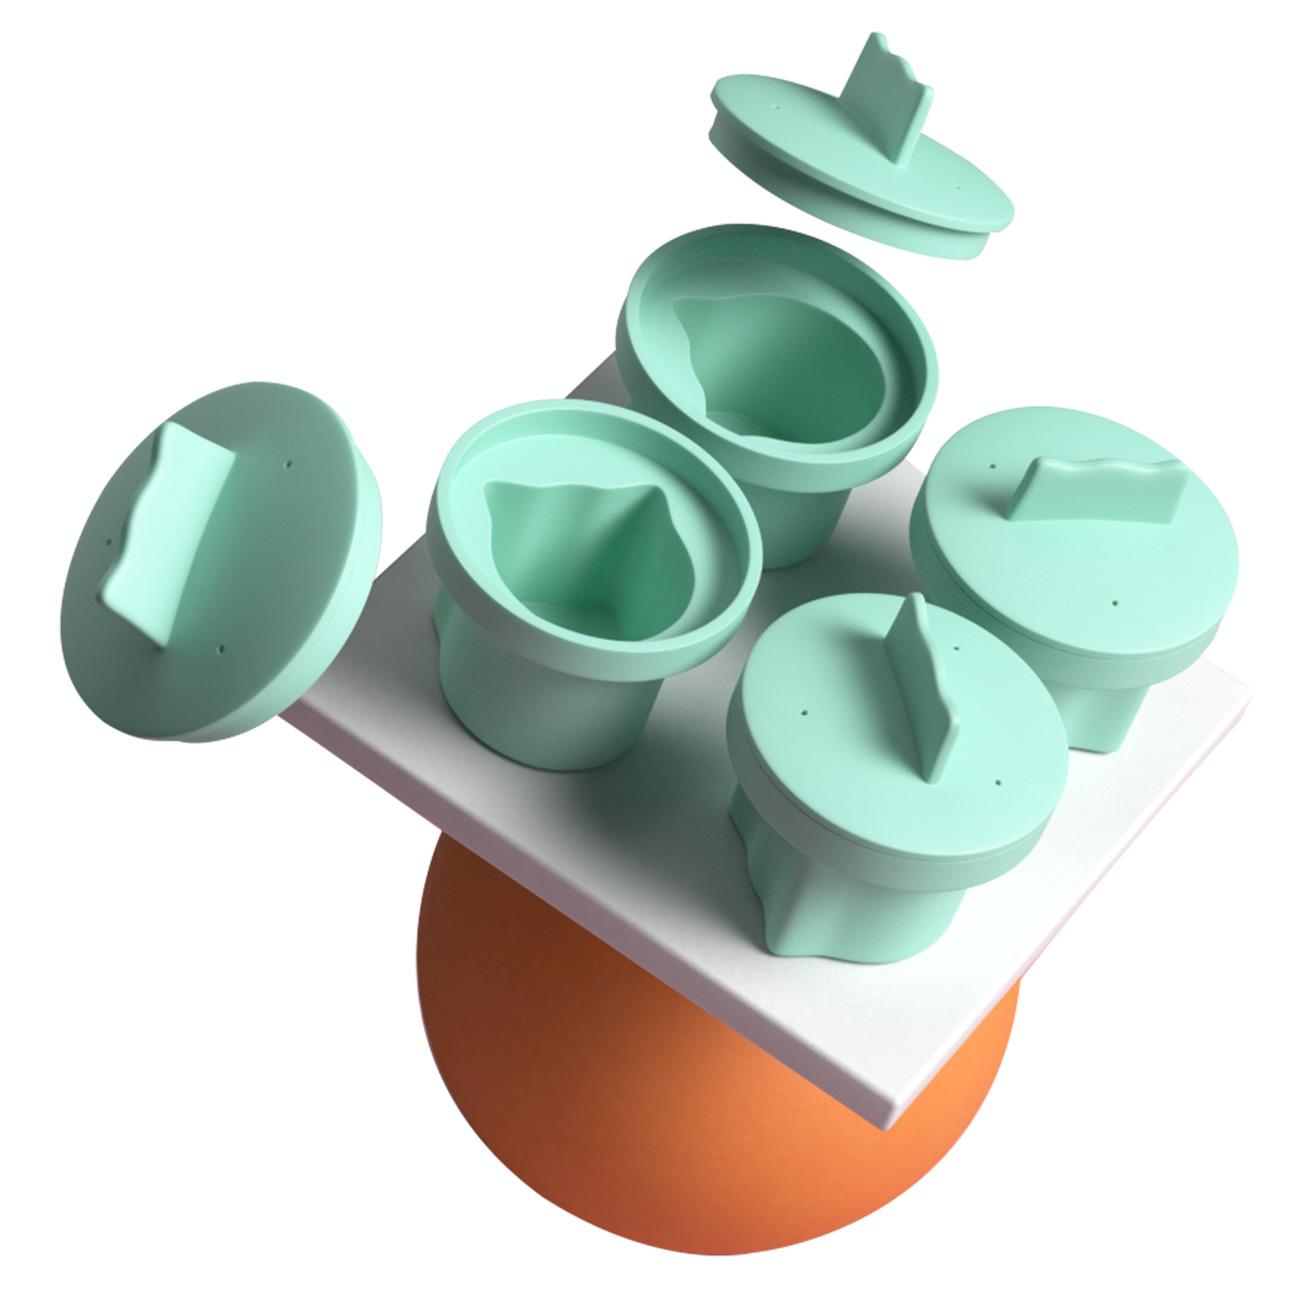 食品级宝宝婴儿辅食蒸糕蒸蛋模具耐高温可蒸煮儿童烘焙工具磨具